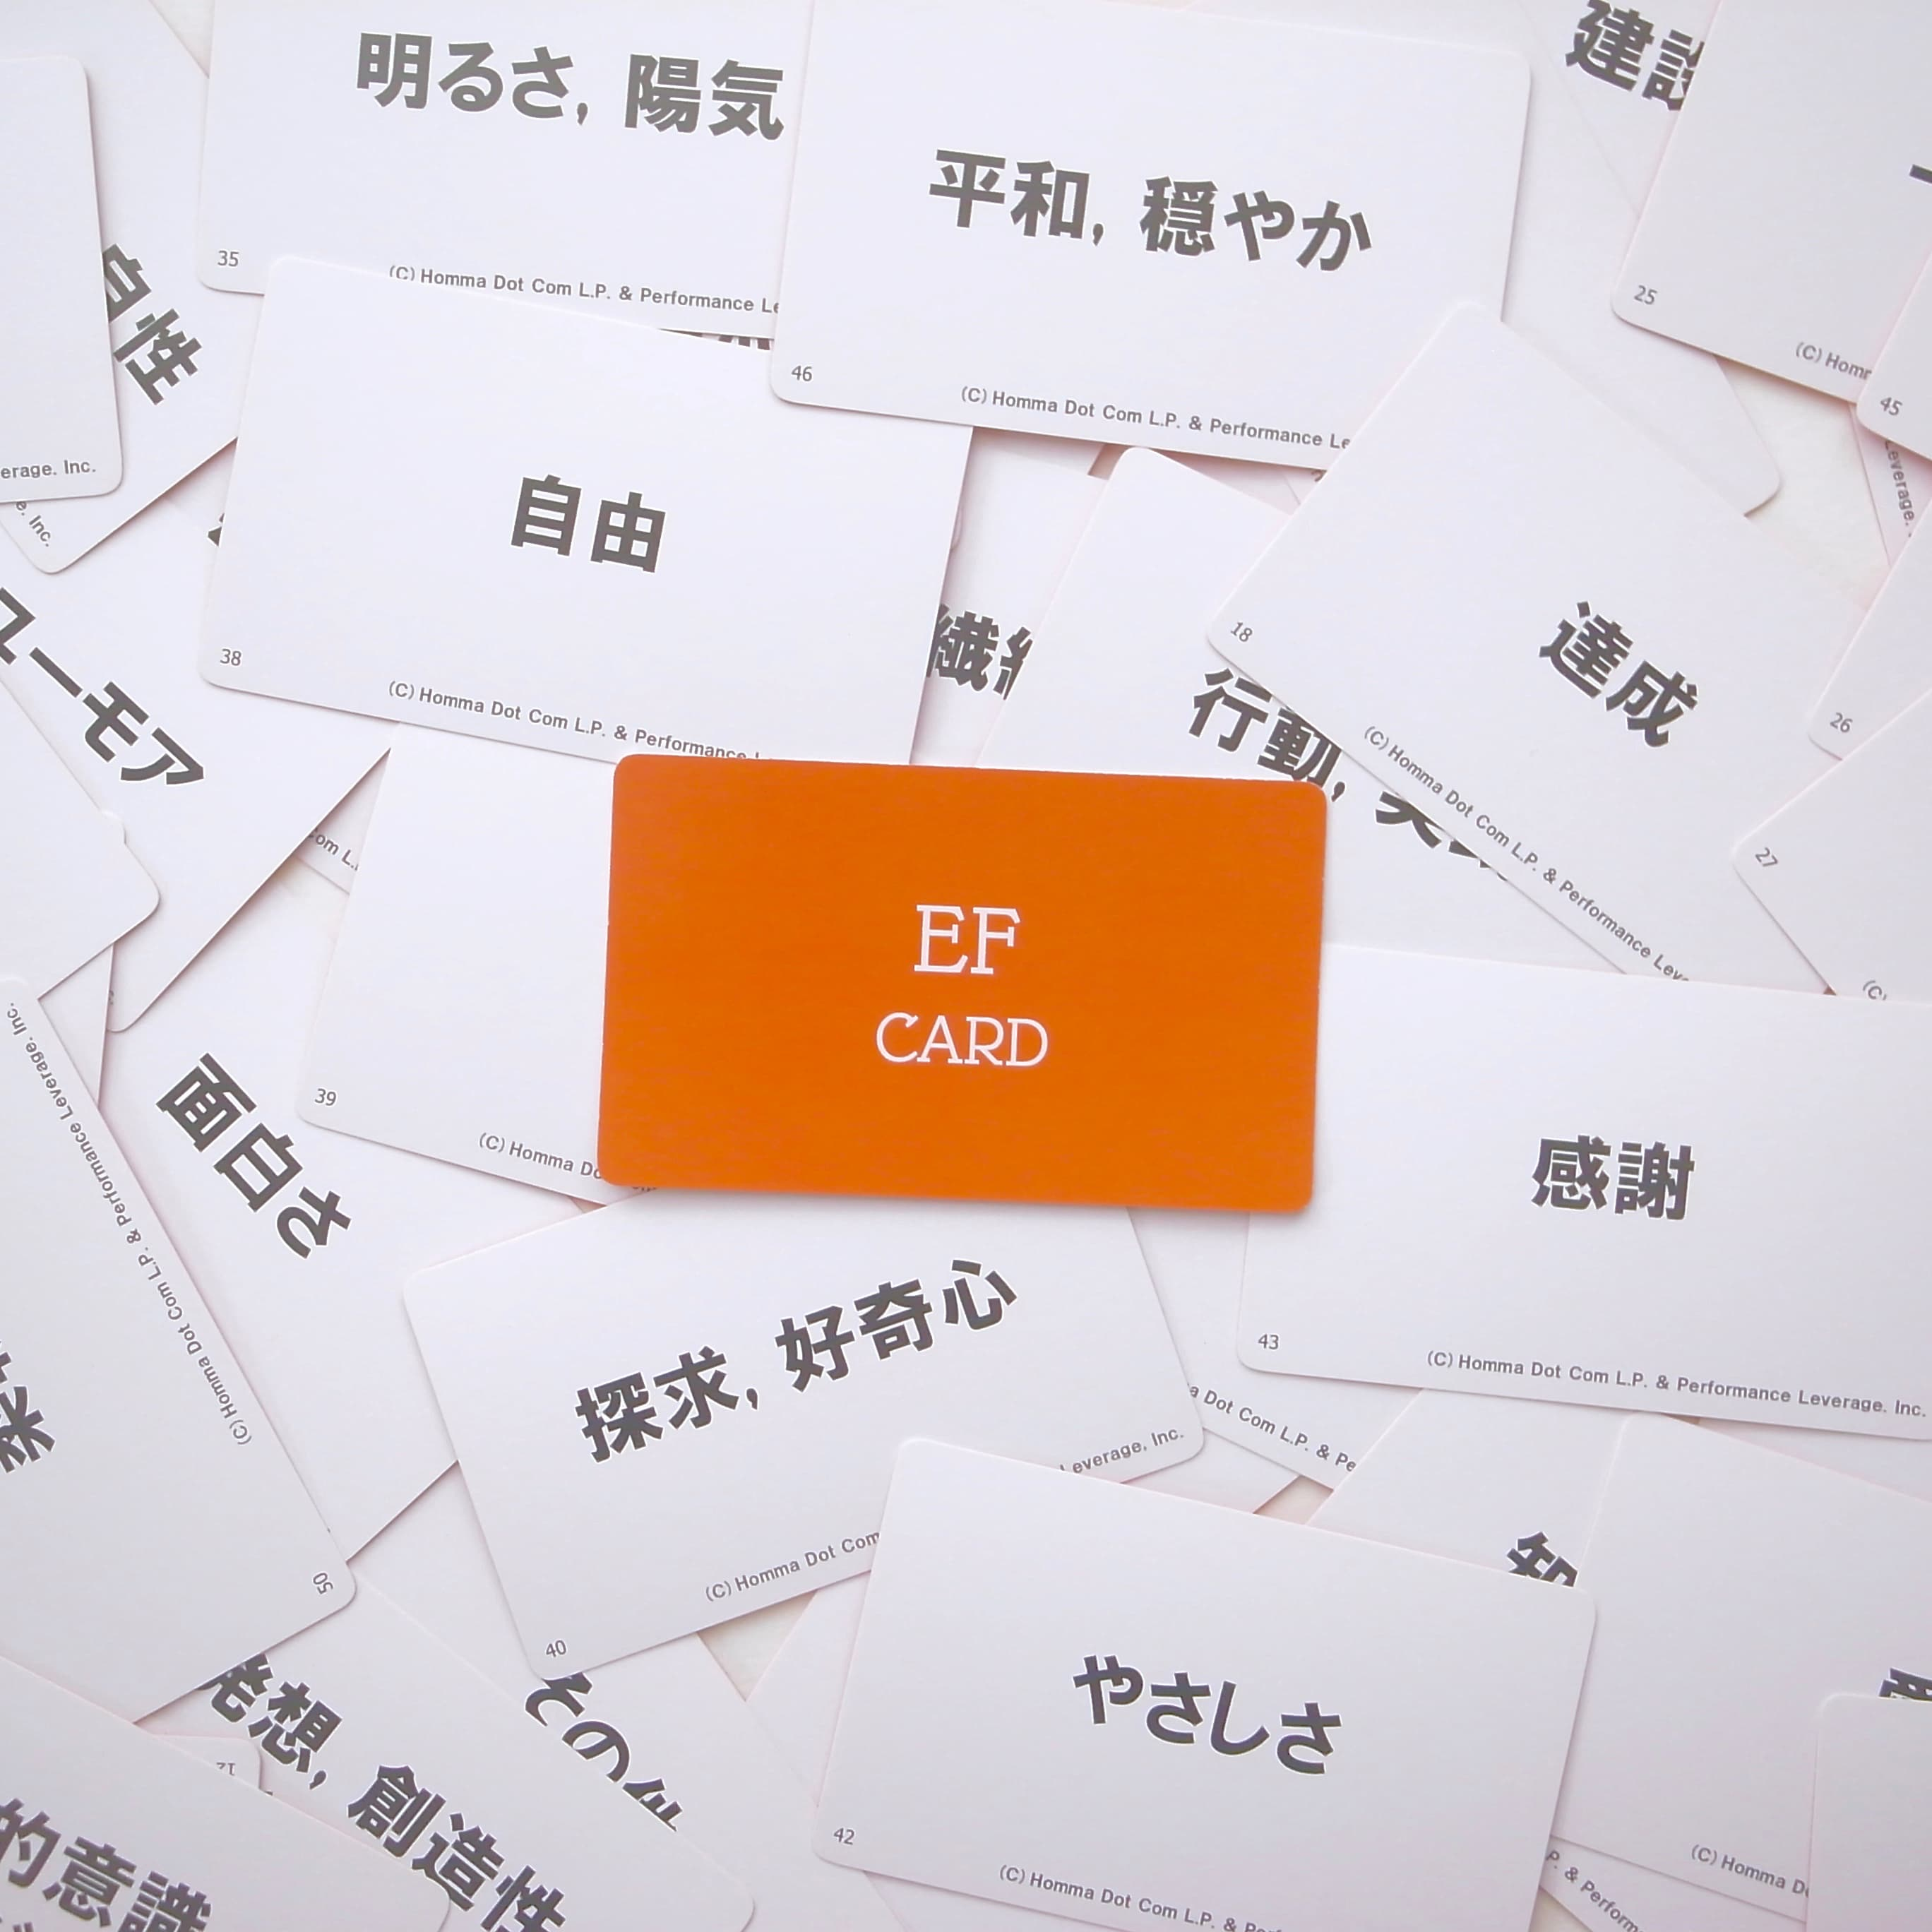 EFカードのイメージ